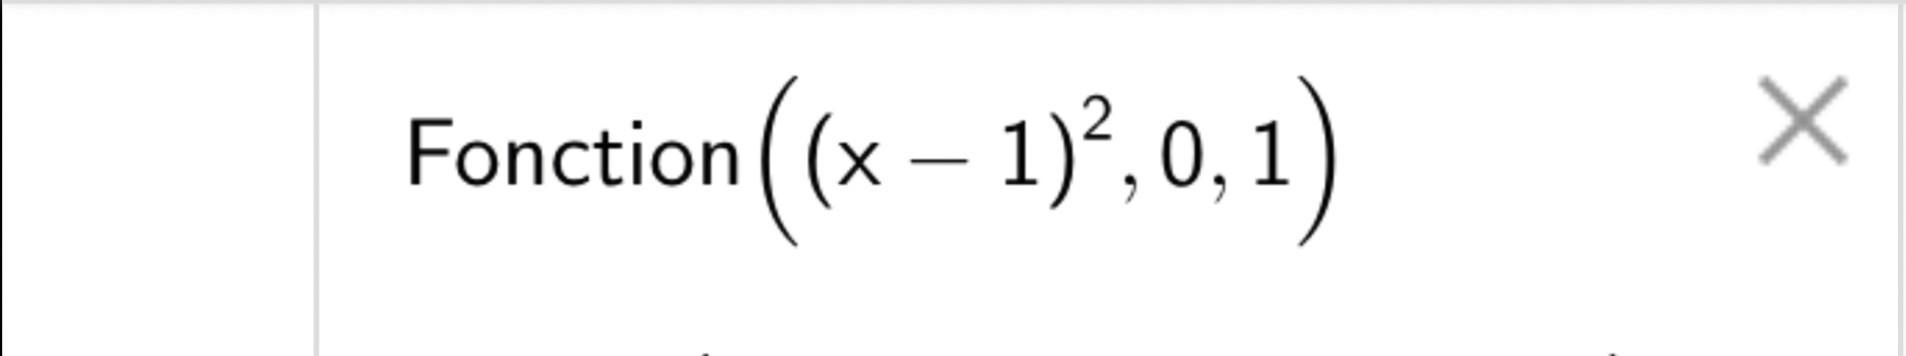 Mesurer la longueur d'une courbe